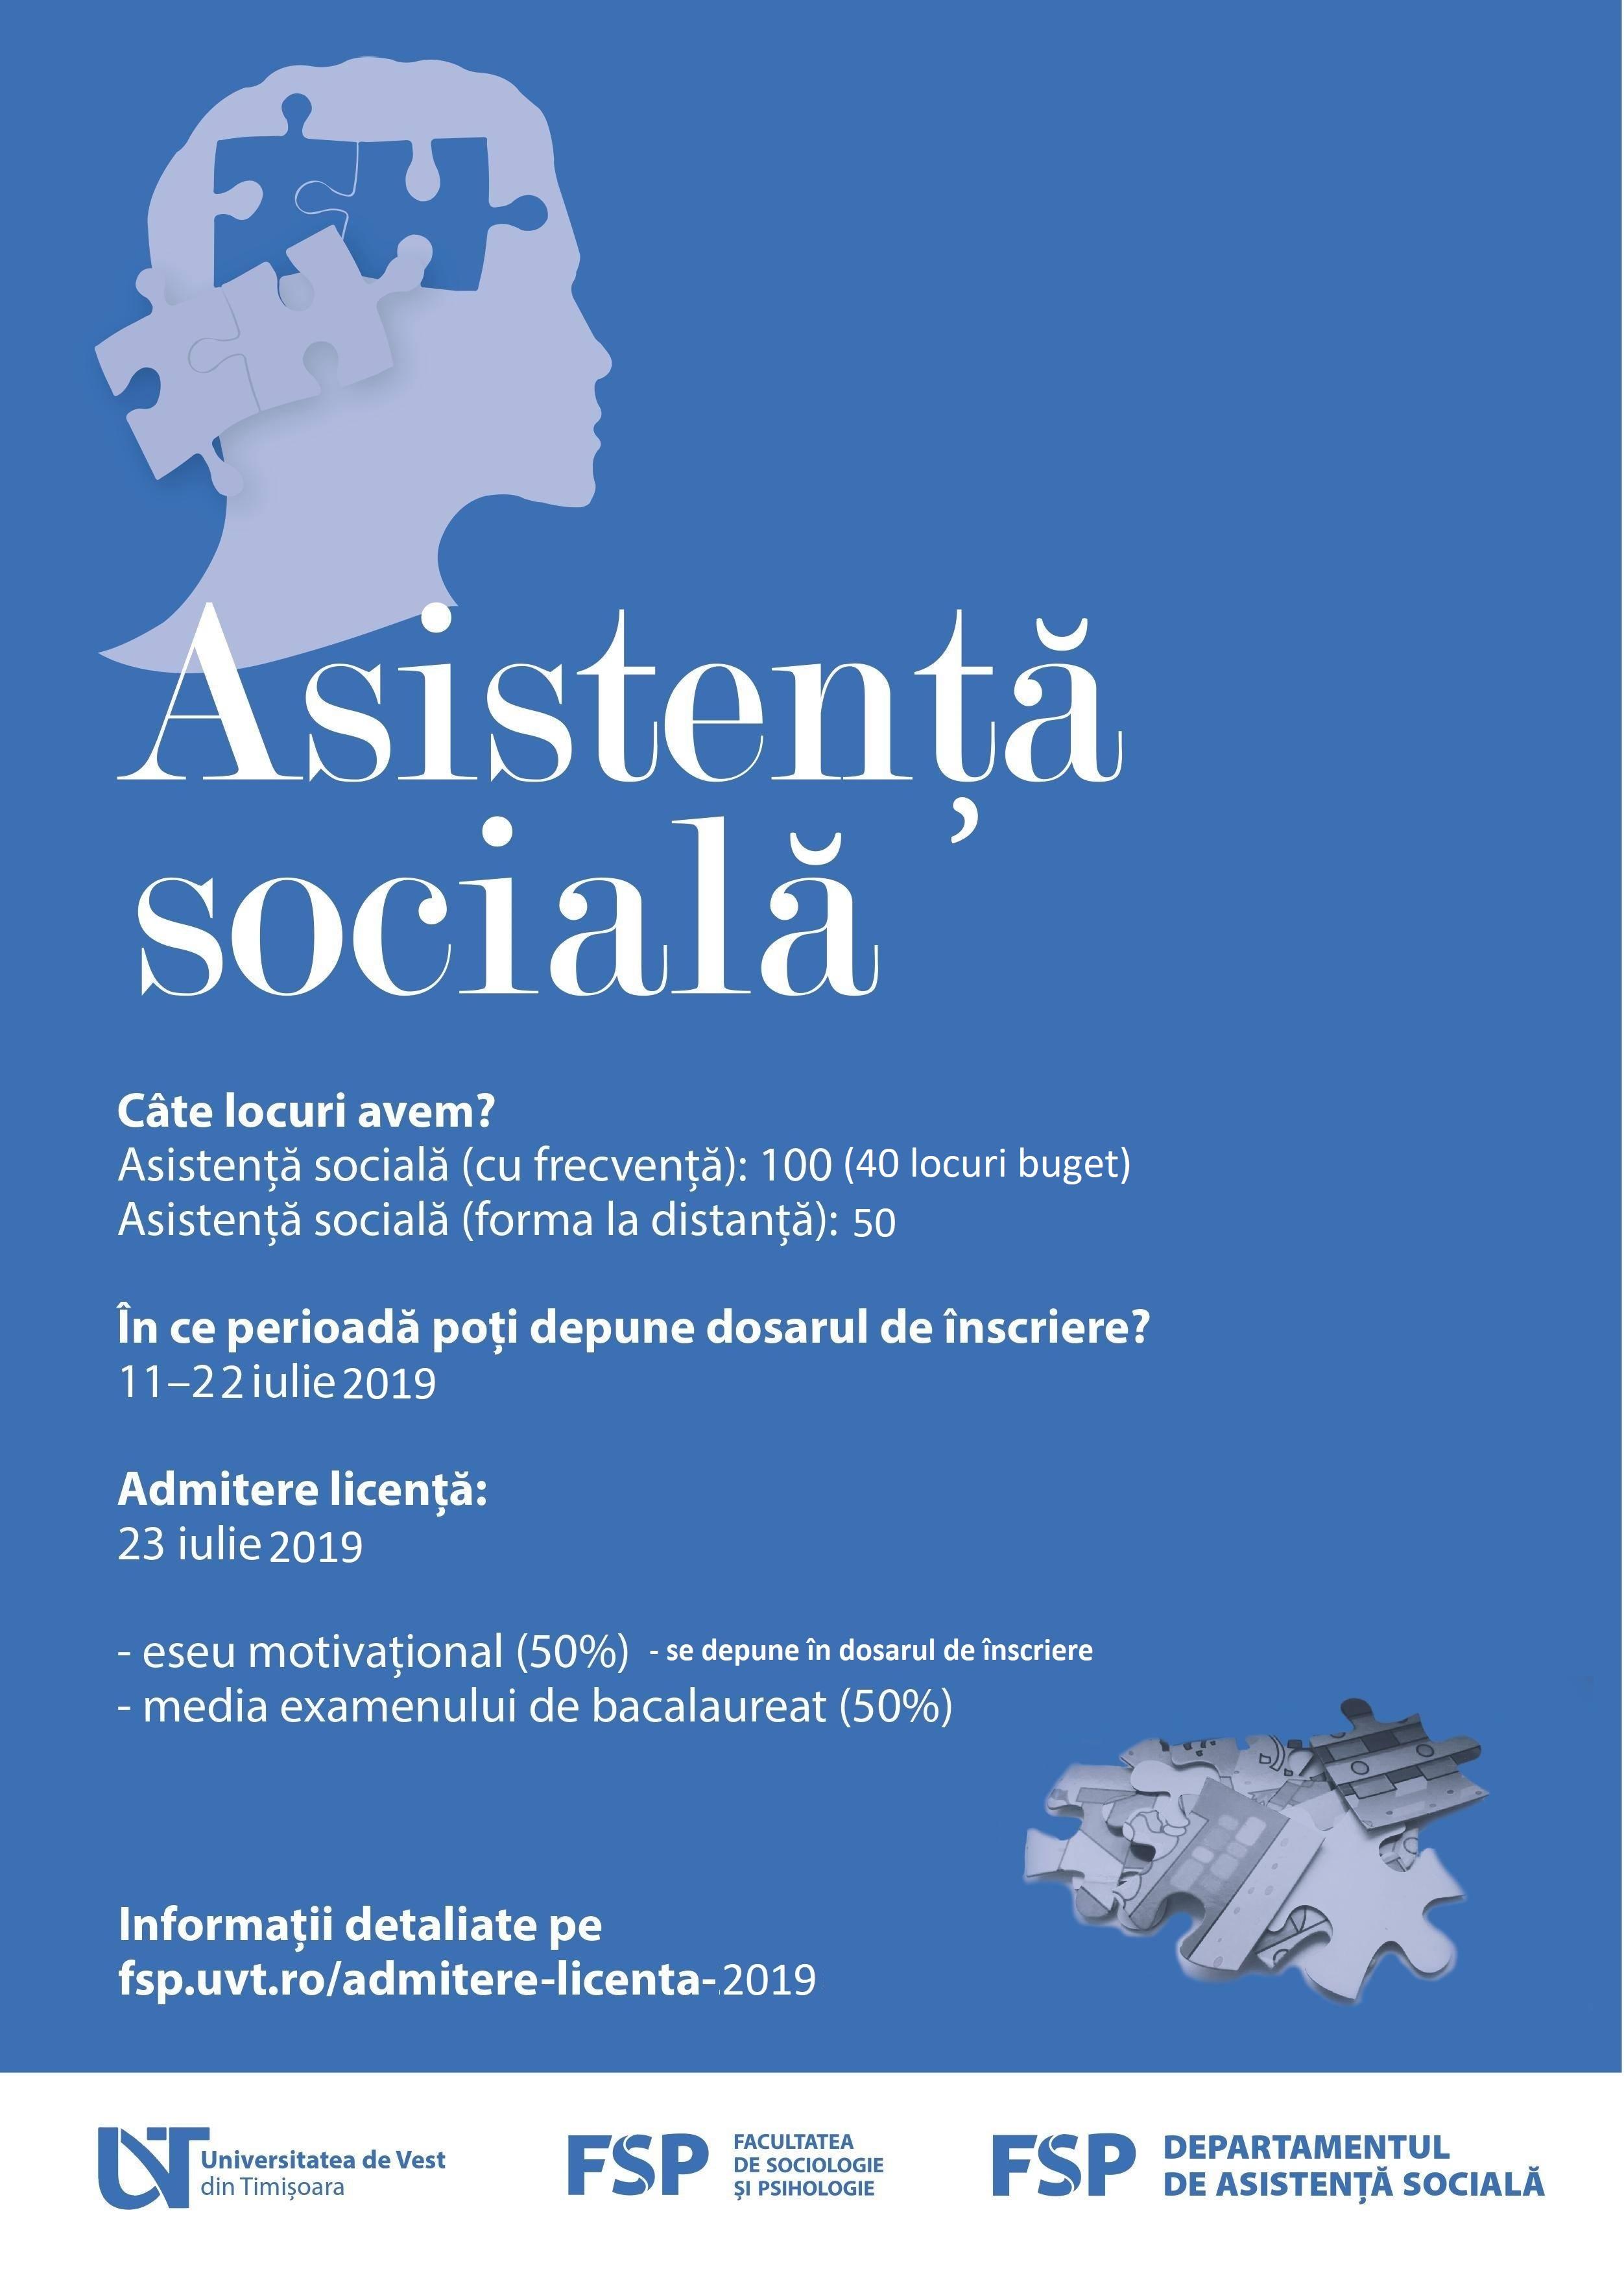 1.ASISTENTA SOCIALA